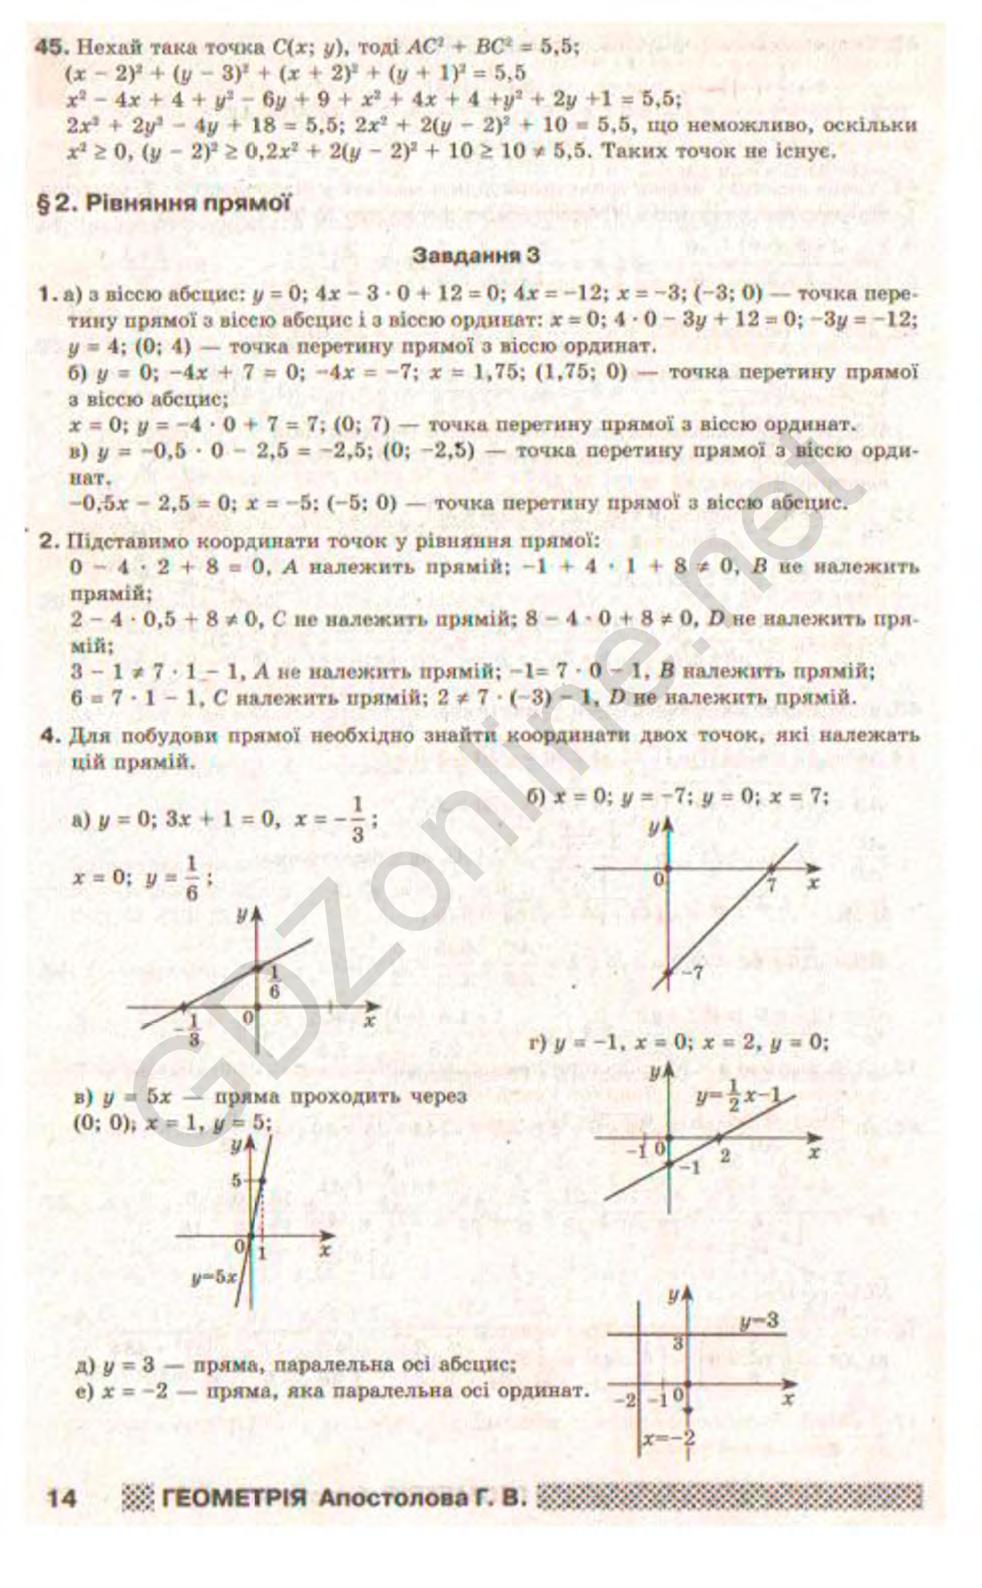 Гдз геометрии 8 класс вси практични по апостолова